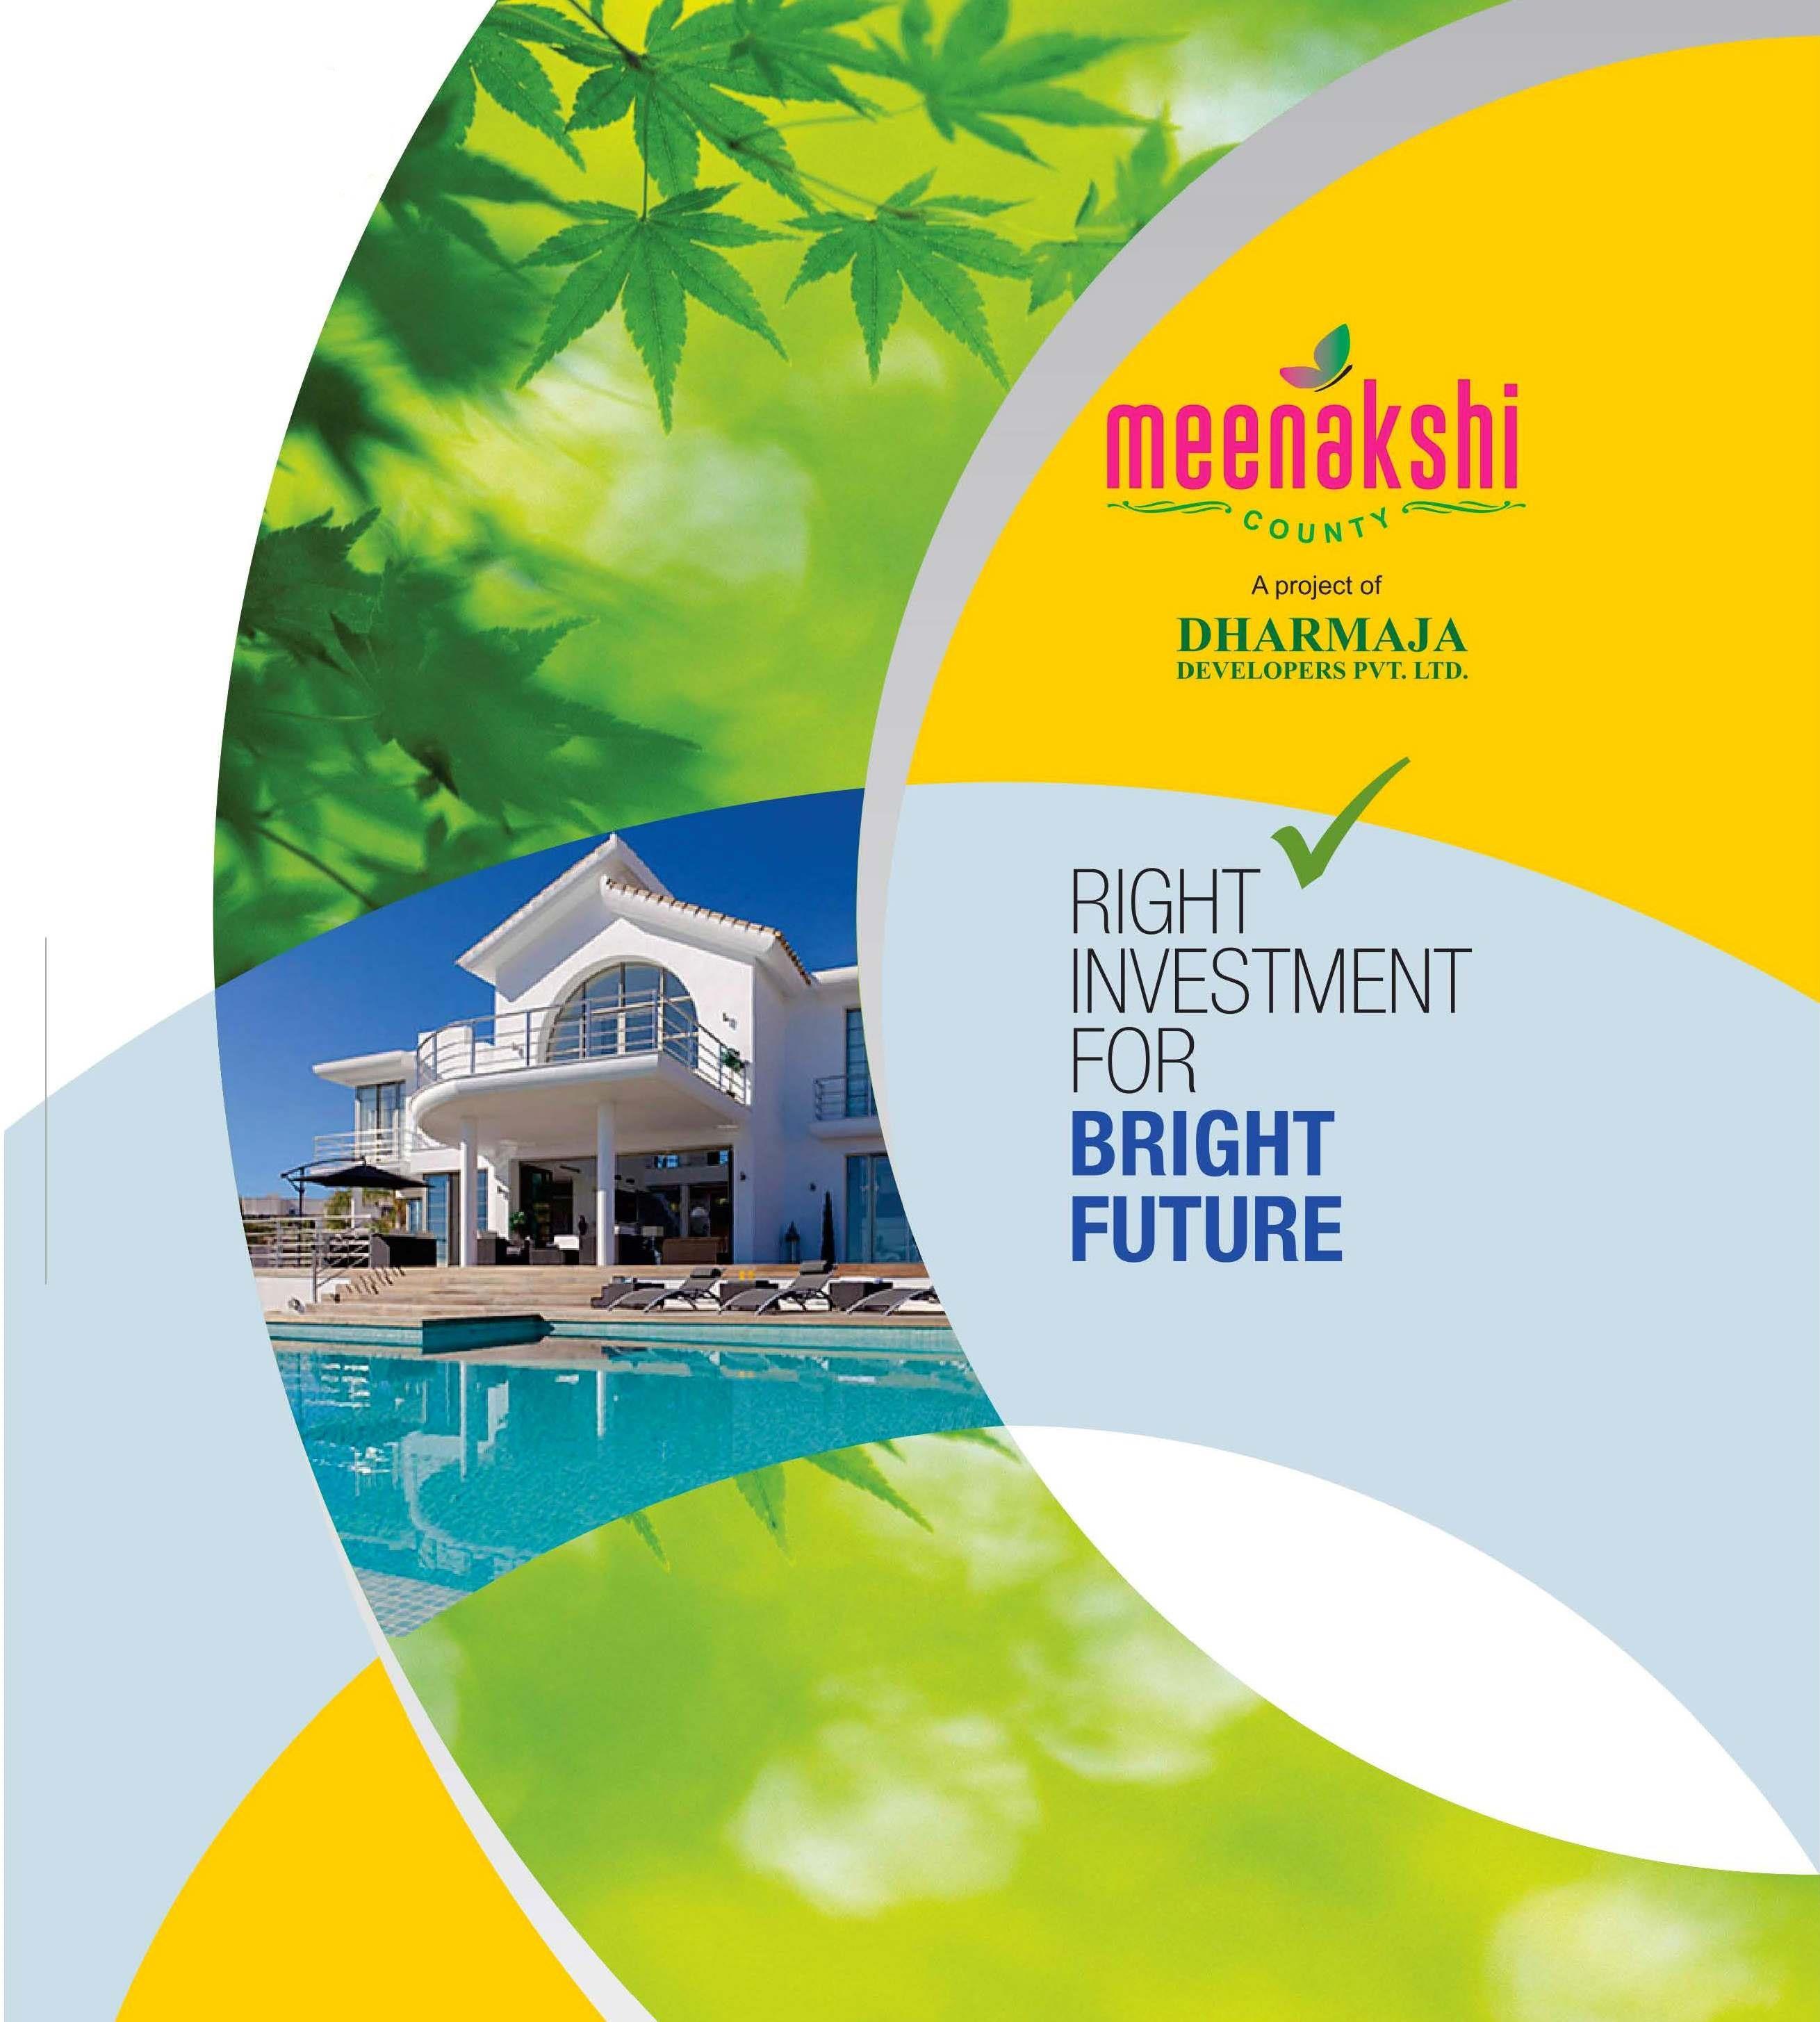 Meenakshi County